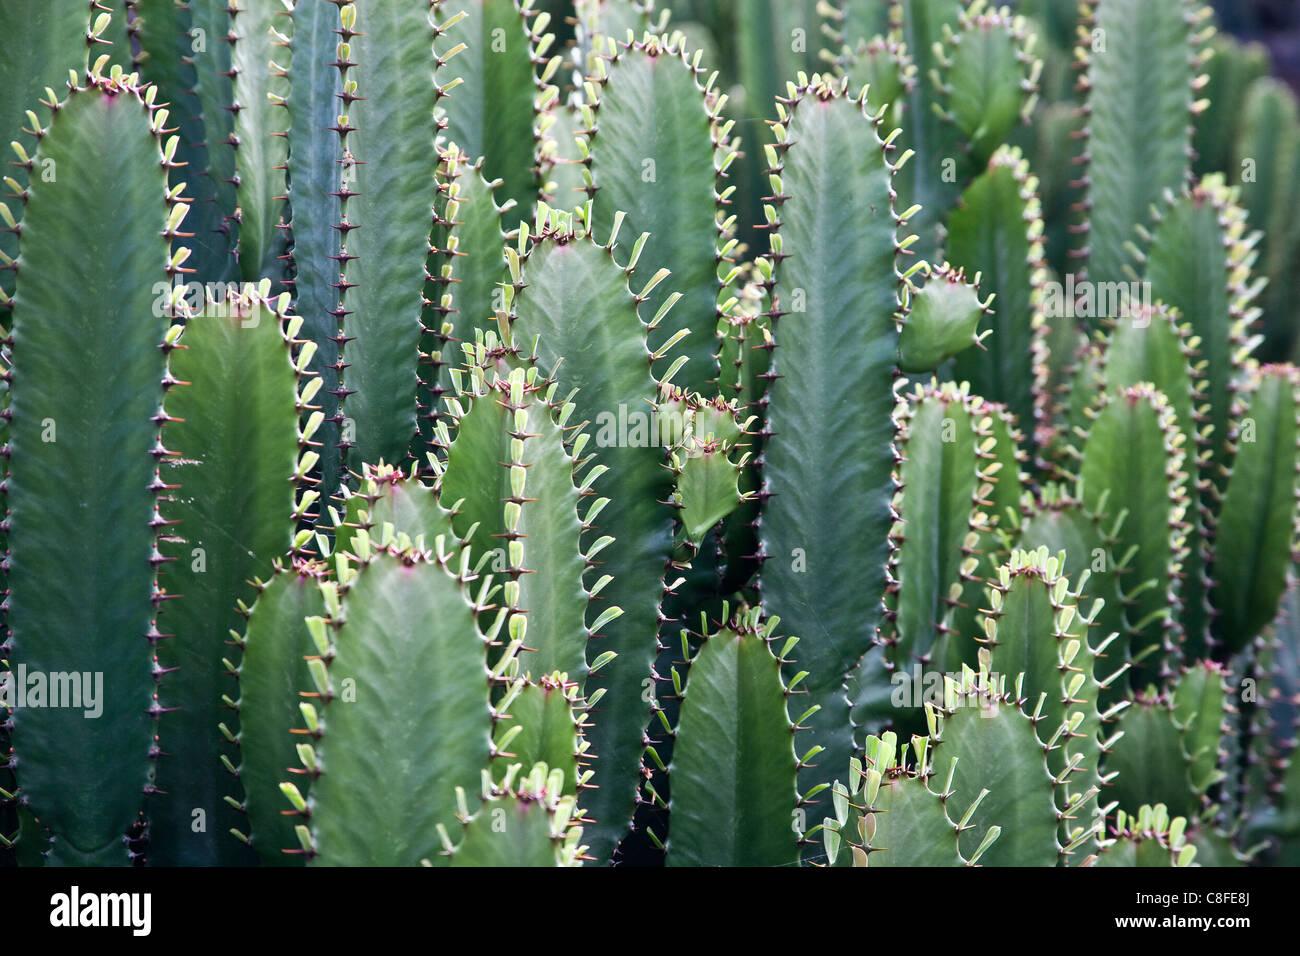 guatiza cesar manrique spain europe jardin de cactus cacti cactus